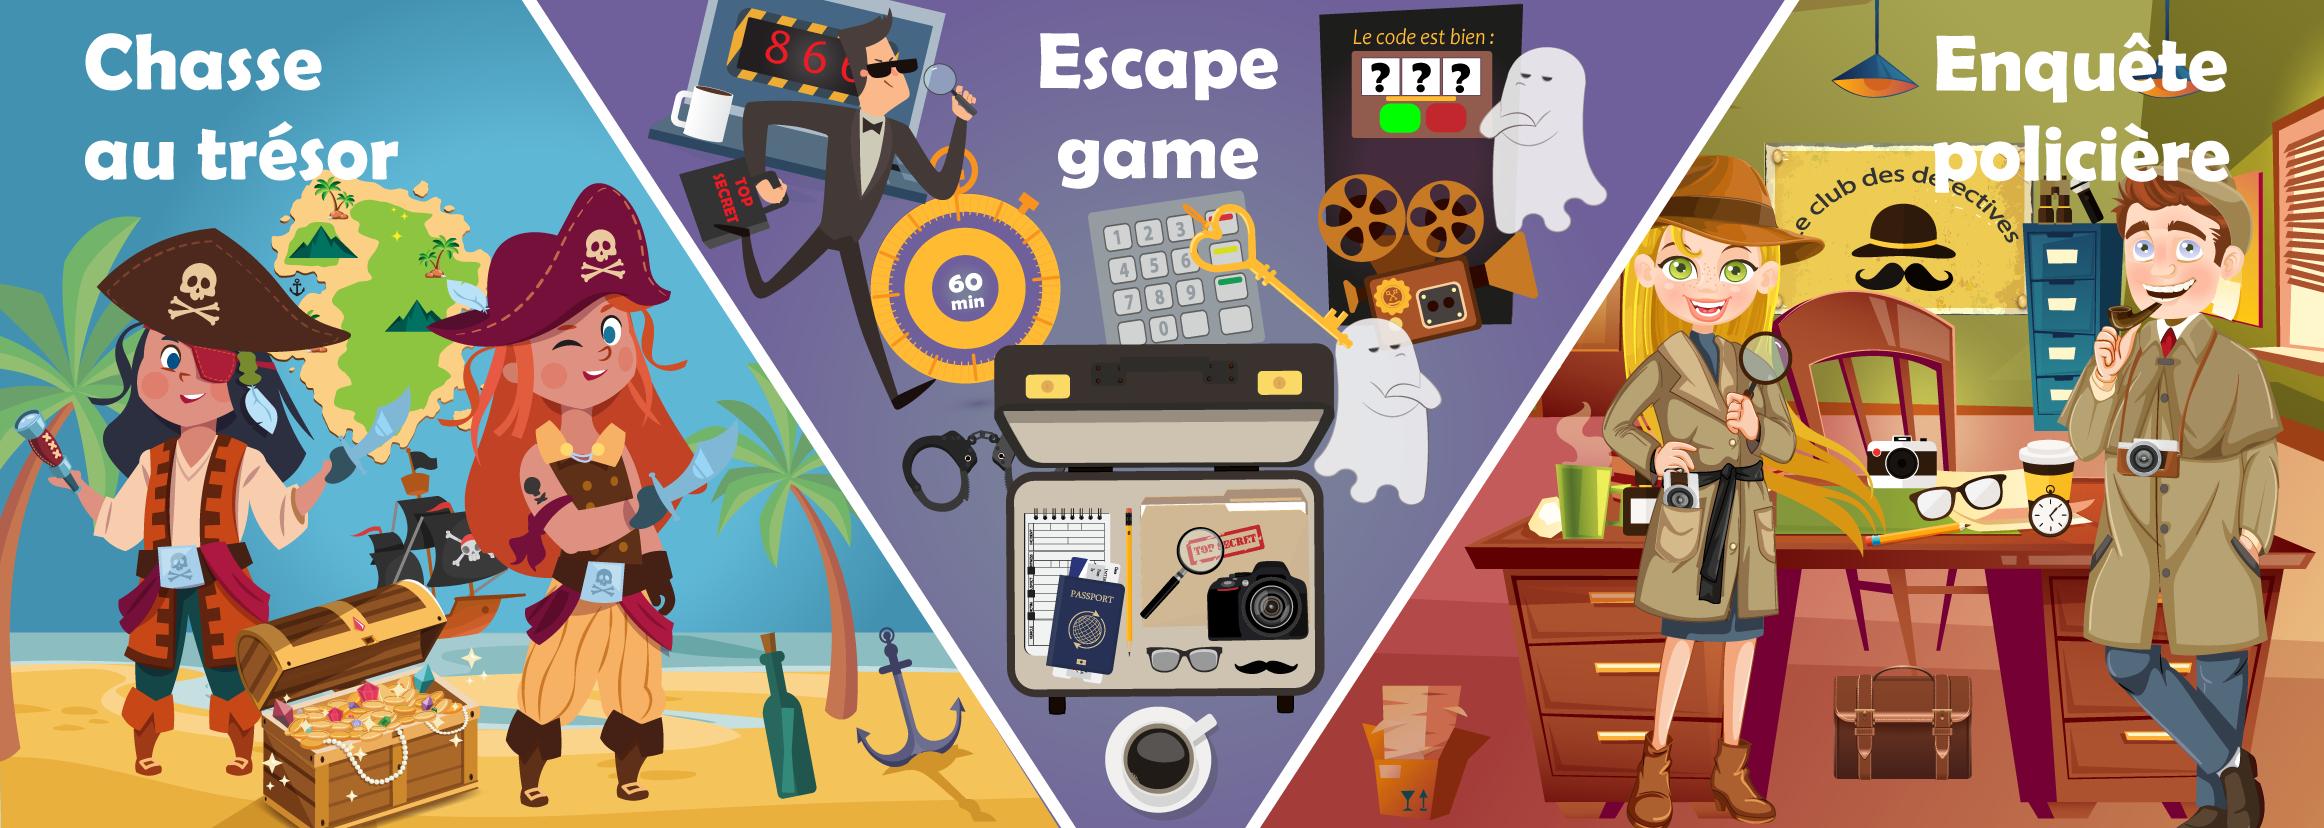 Jeux Gratuits Pour Enfants De 7 Ans - Primanyc encequiconcerne Jeux Pour Enfant De 7 Ans